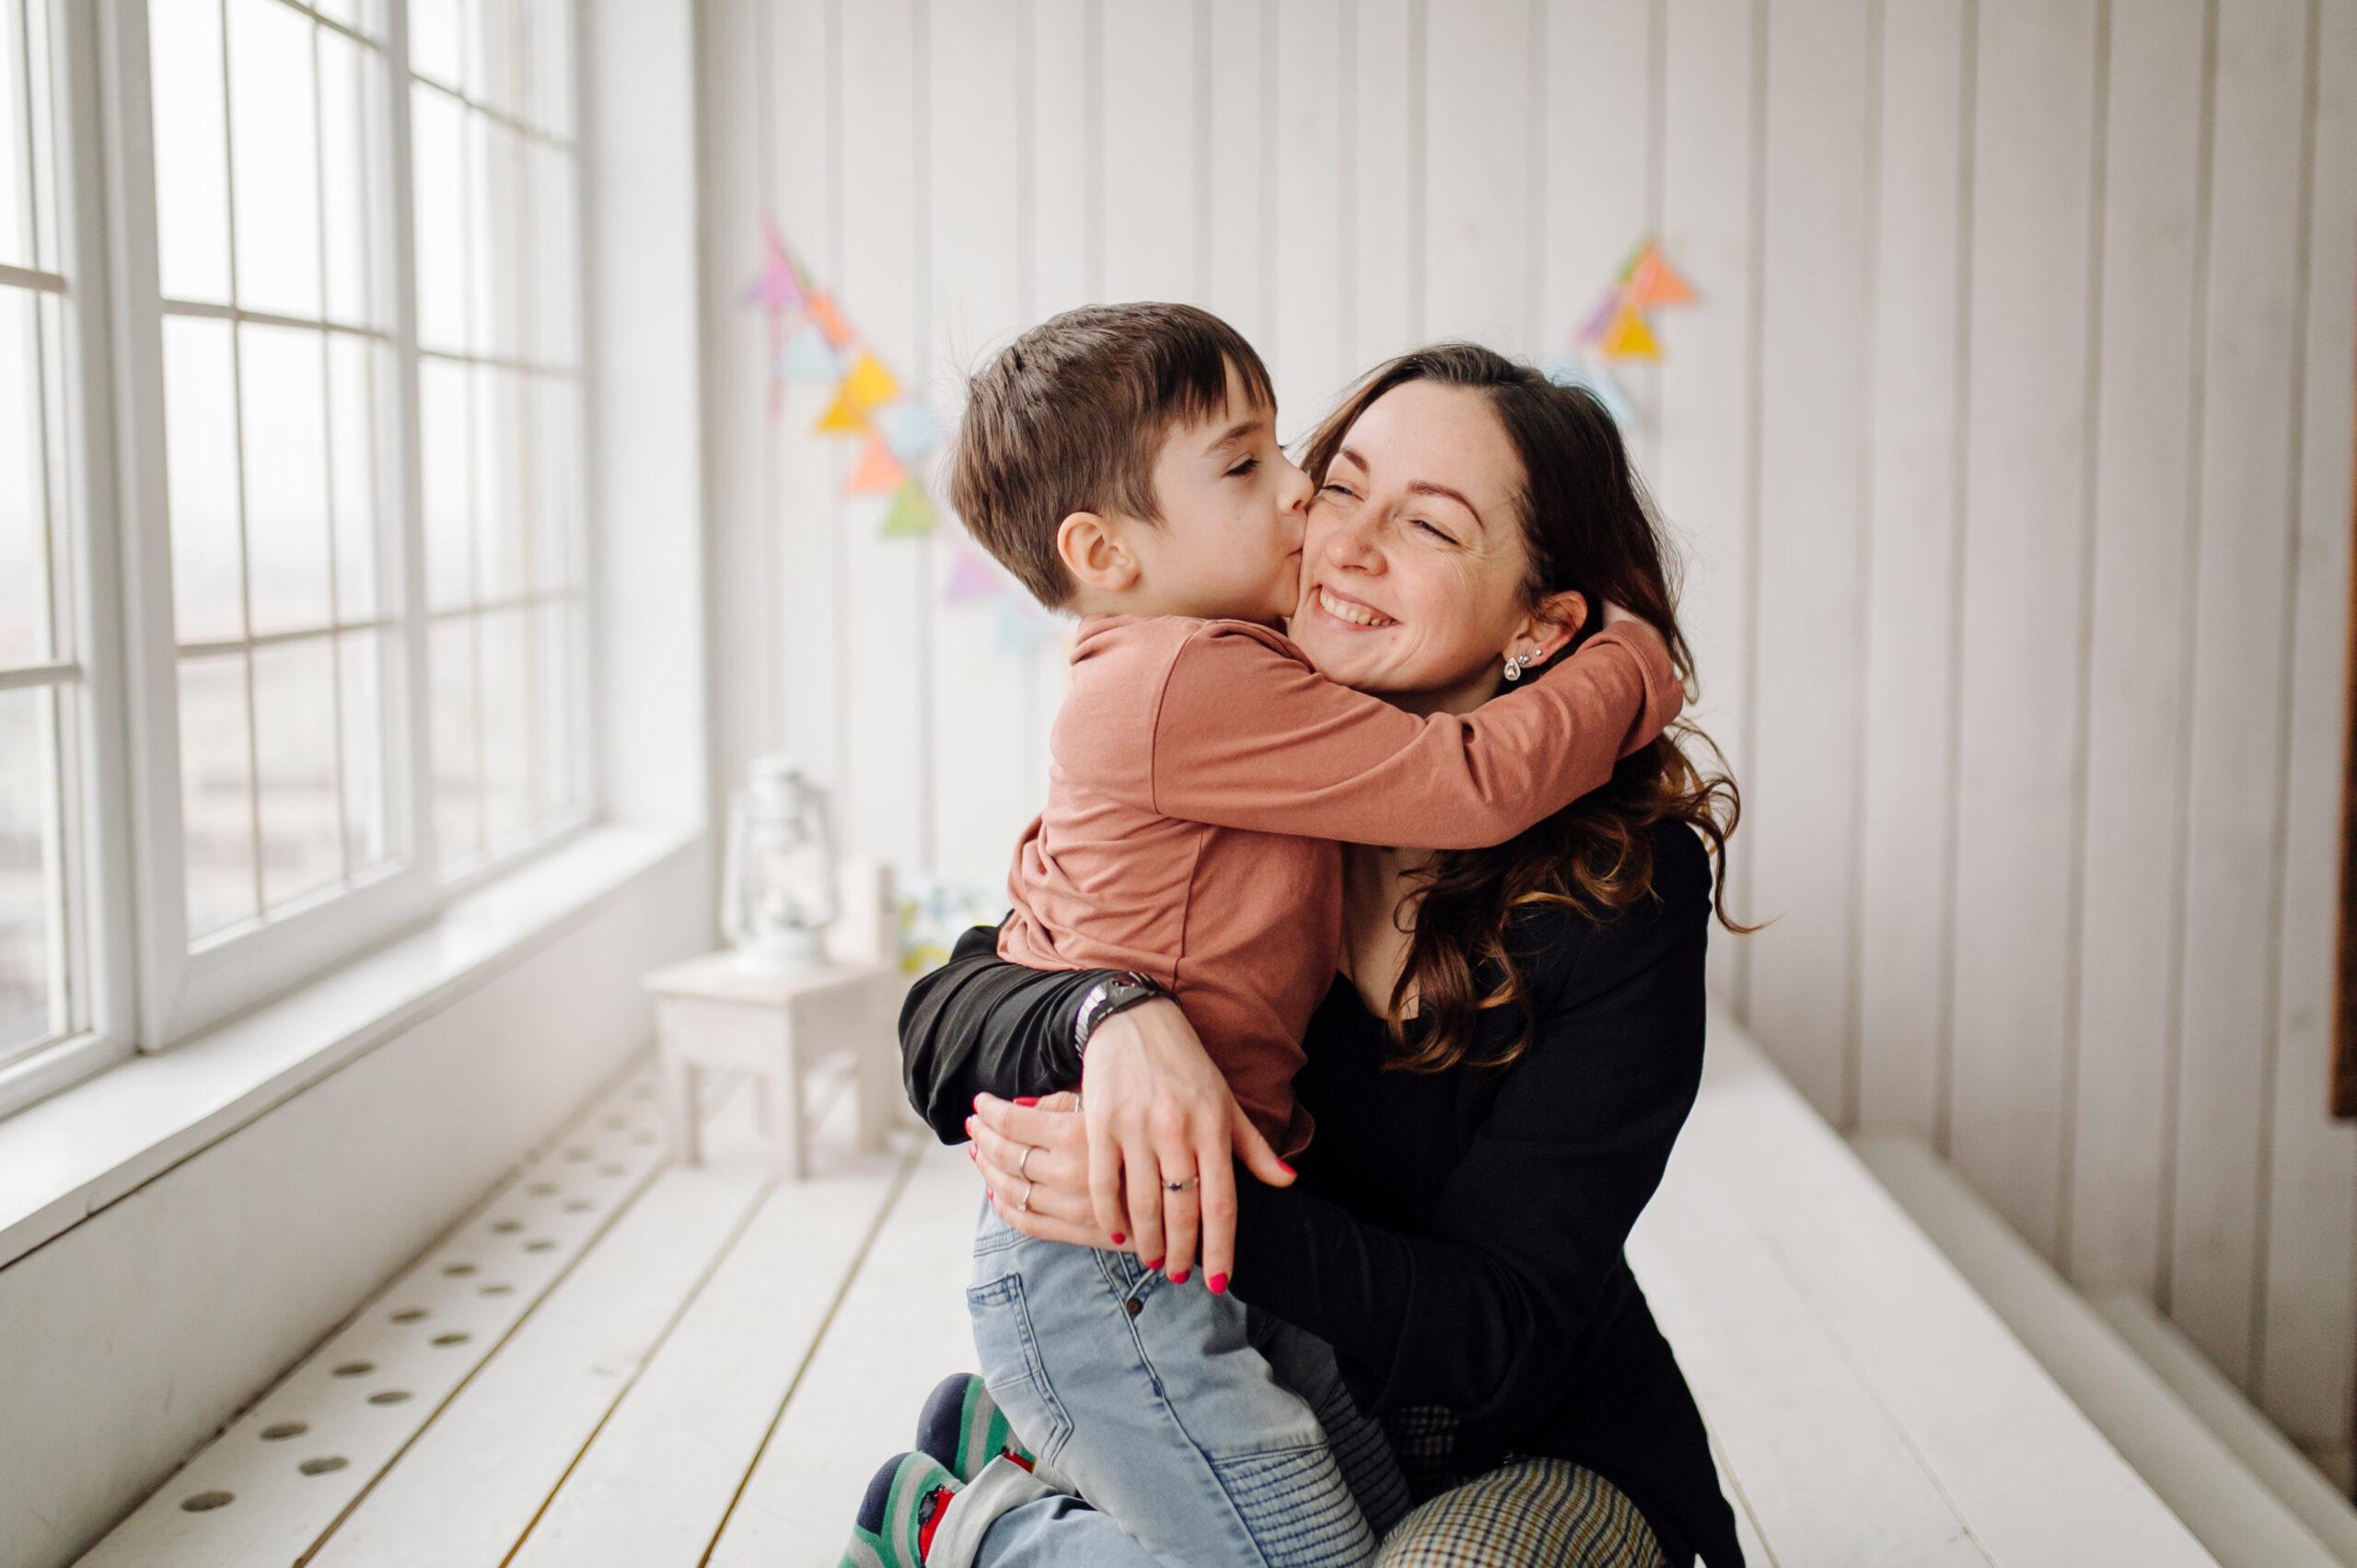 La relación Madre-Hijo: el vínculo más especial de la naturaleza humana